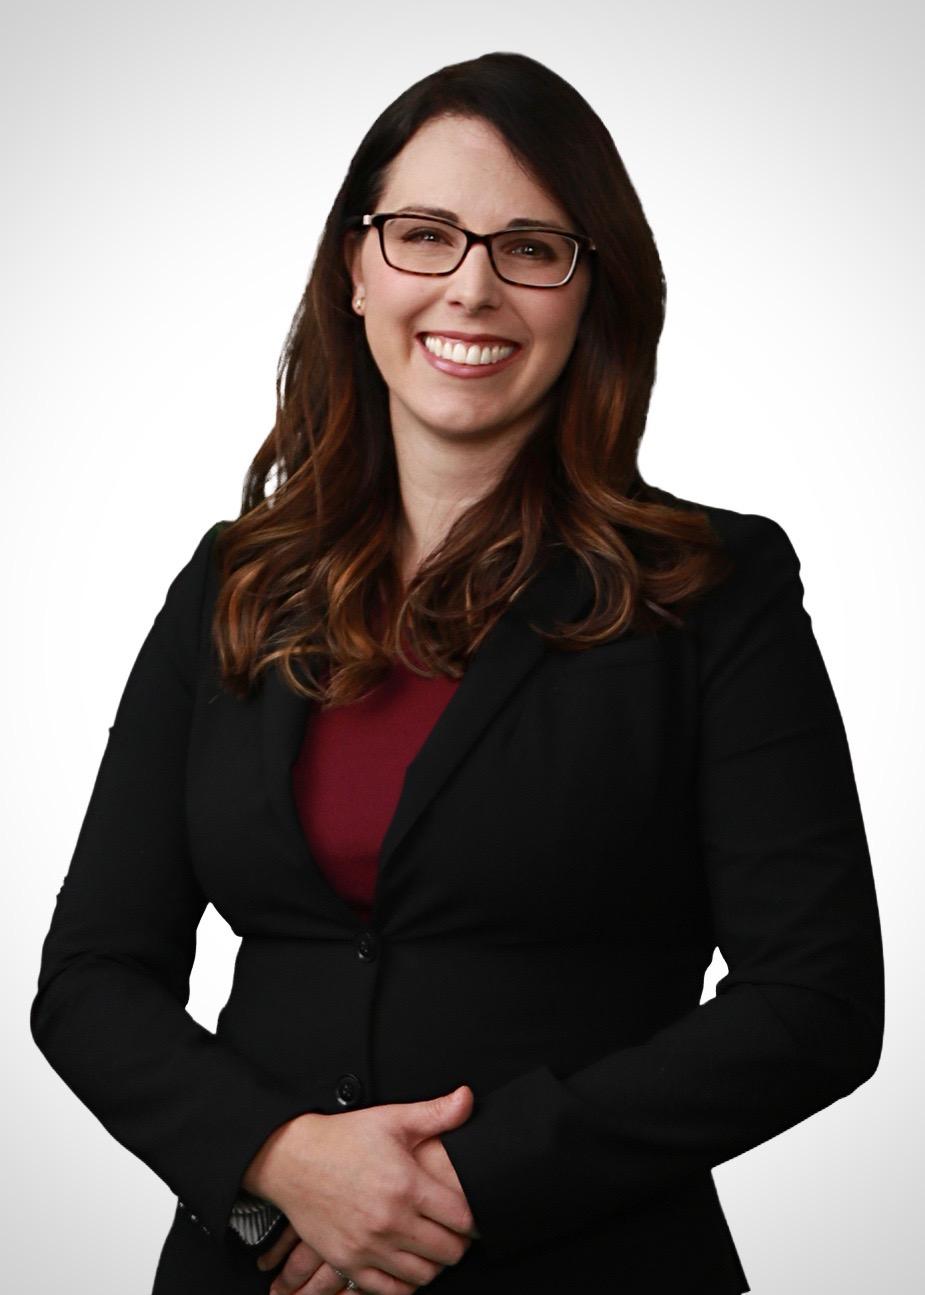 Alissa J. Strong - Associate